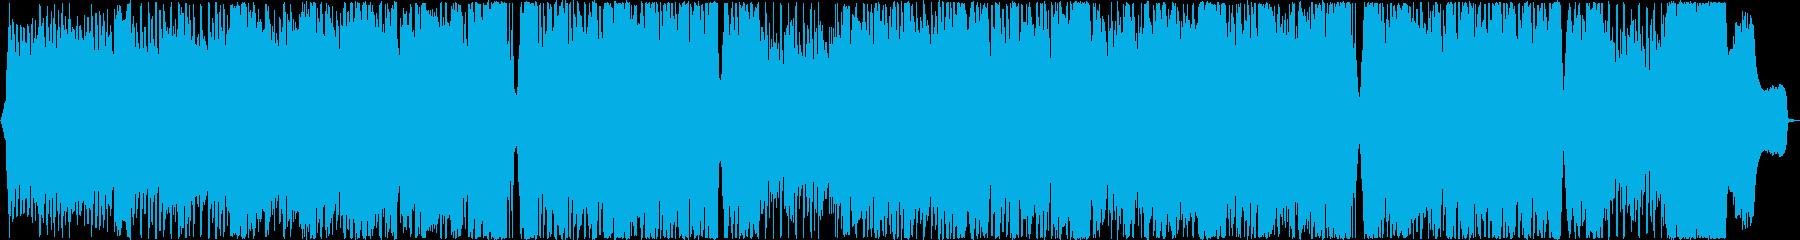 ストリングス四重奏とトランスの力強い融合の再生済みの波形